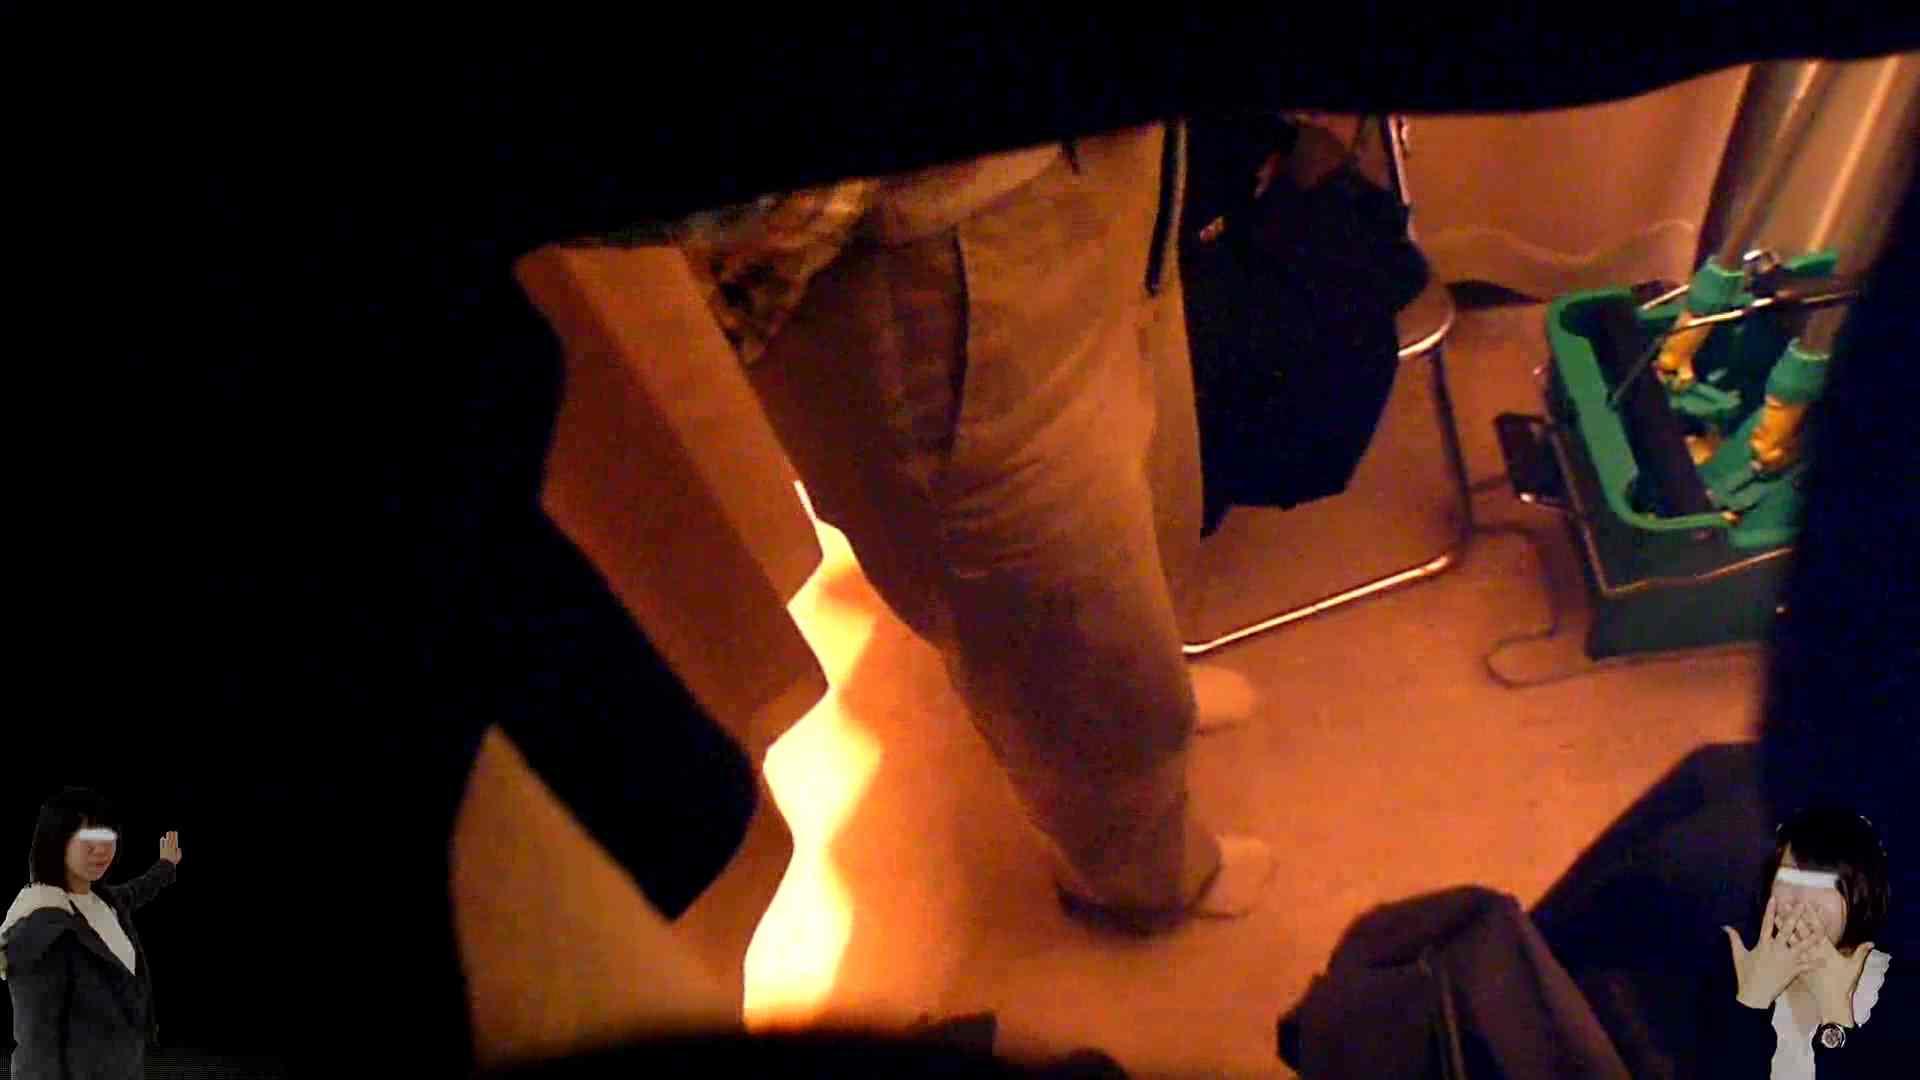 素人投稿 現役「JD」Eちゃんの着替え Vol.04 着替え おまんこ動画流出 107pic 59